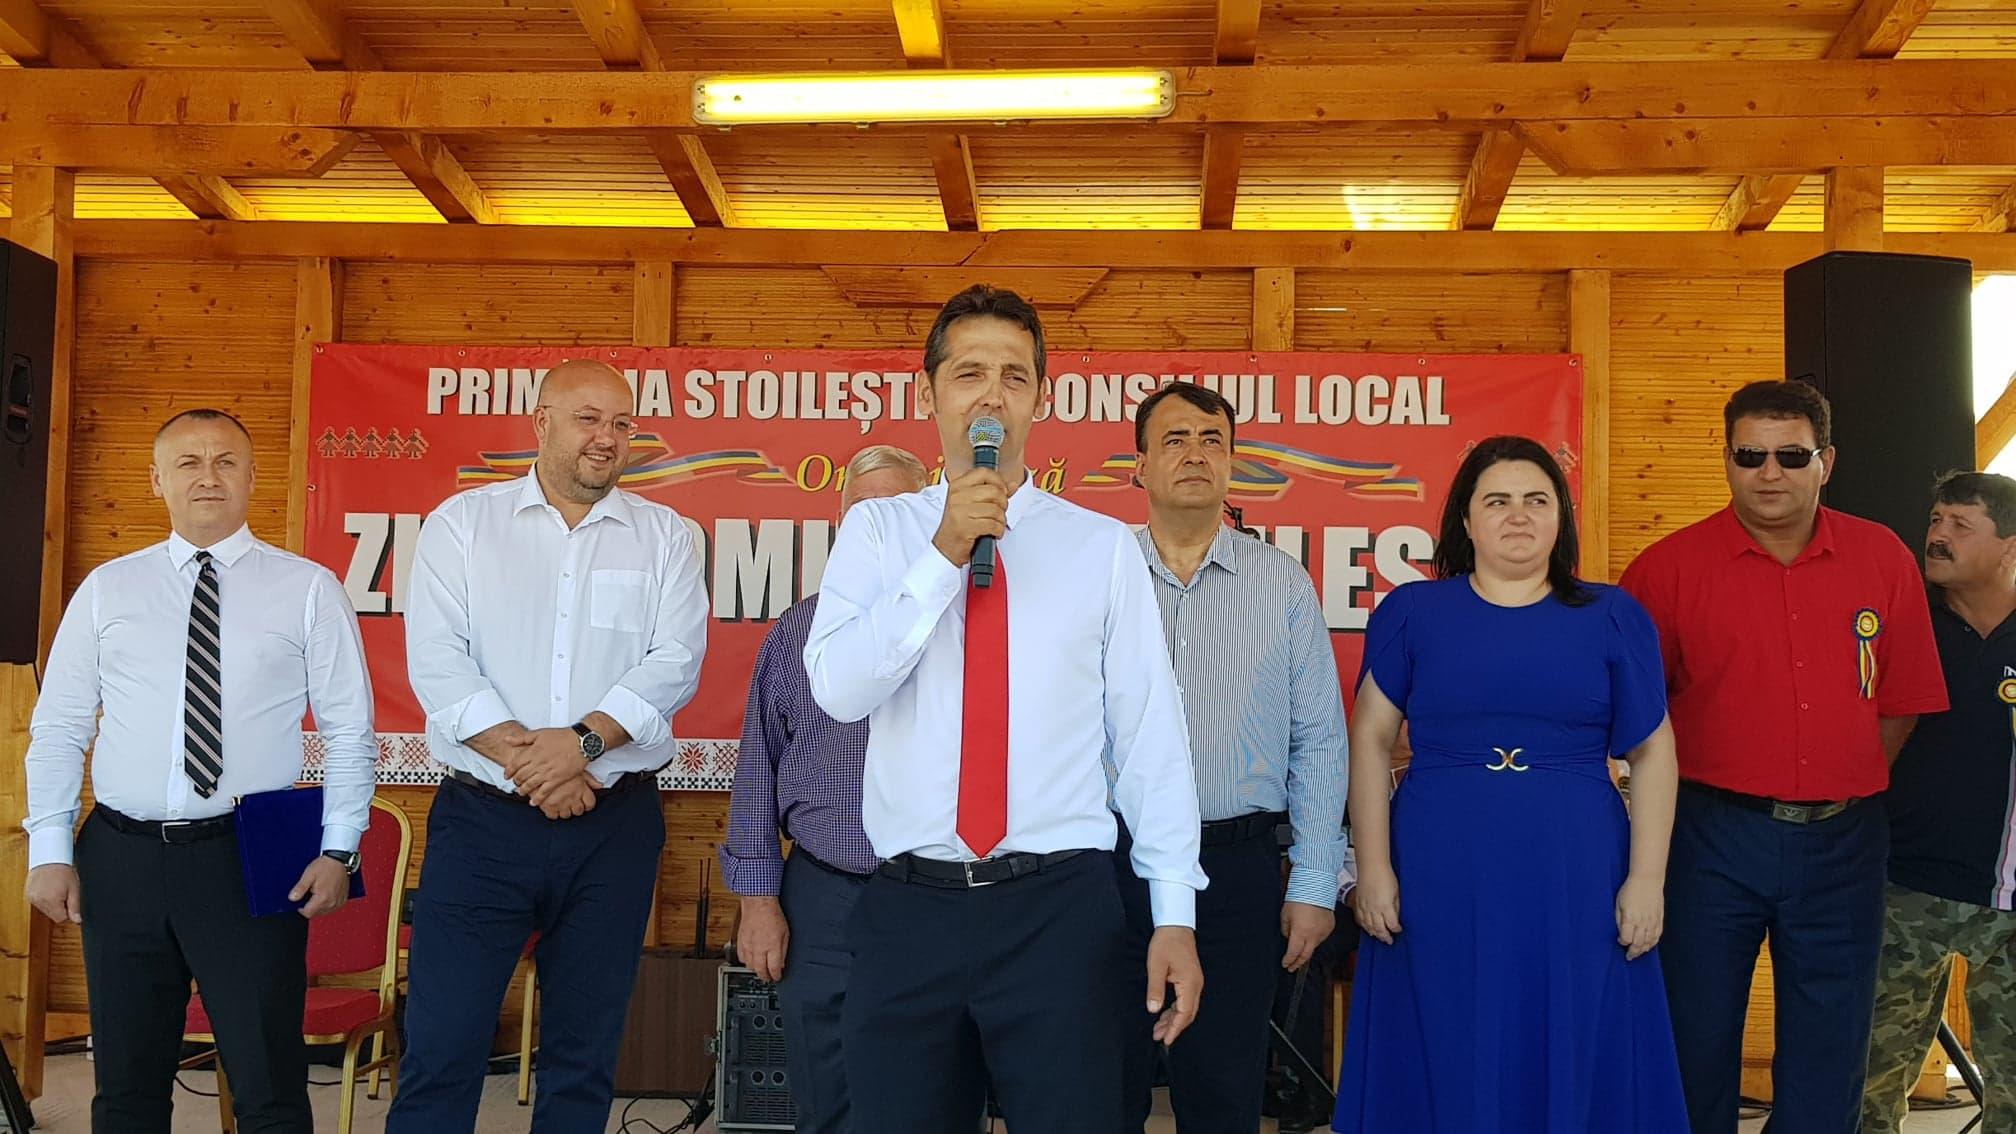 Primarul din Stoileşti, reales de o majoritate covârşitoare